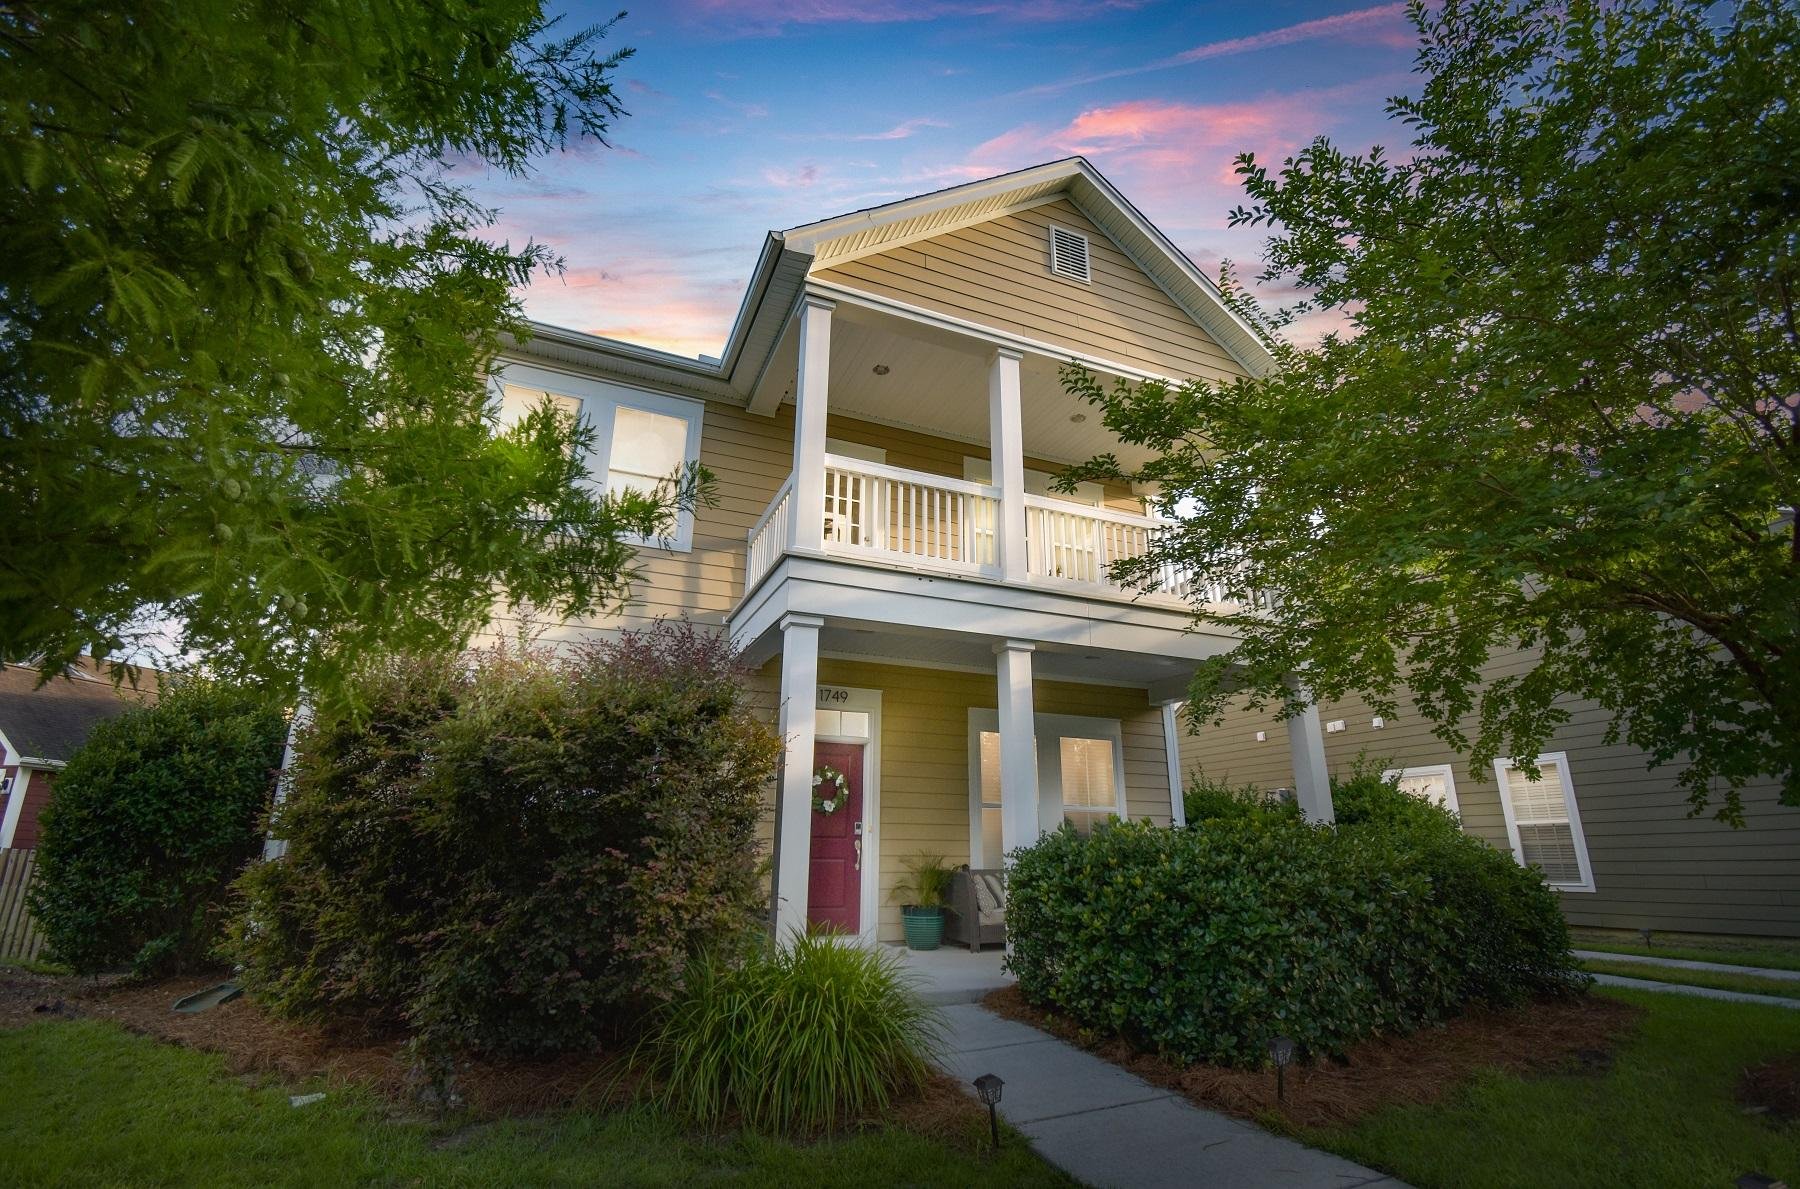 Boltons Landing Homes For Sale - 1749 Batten, Charleston, SC - 10